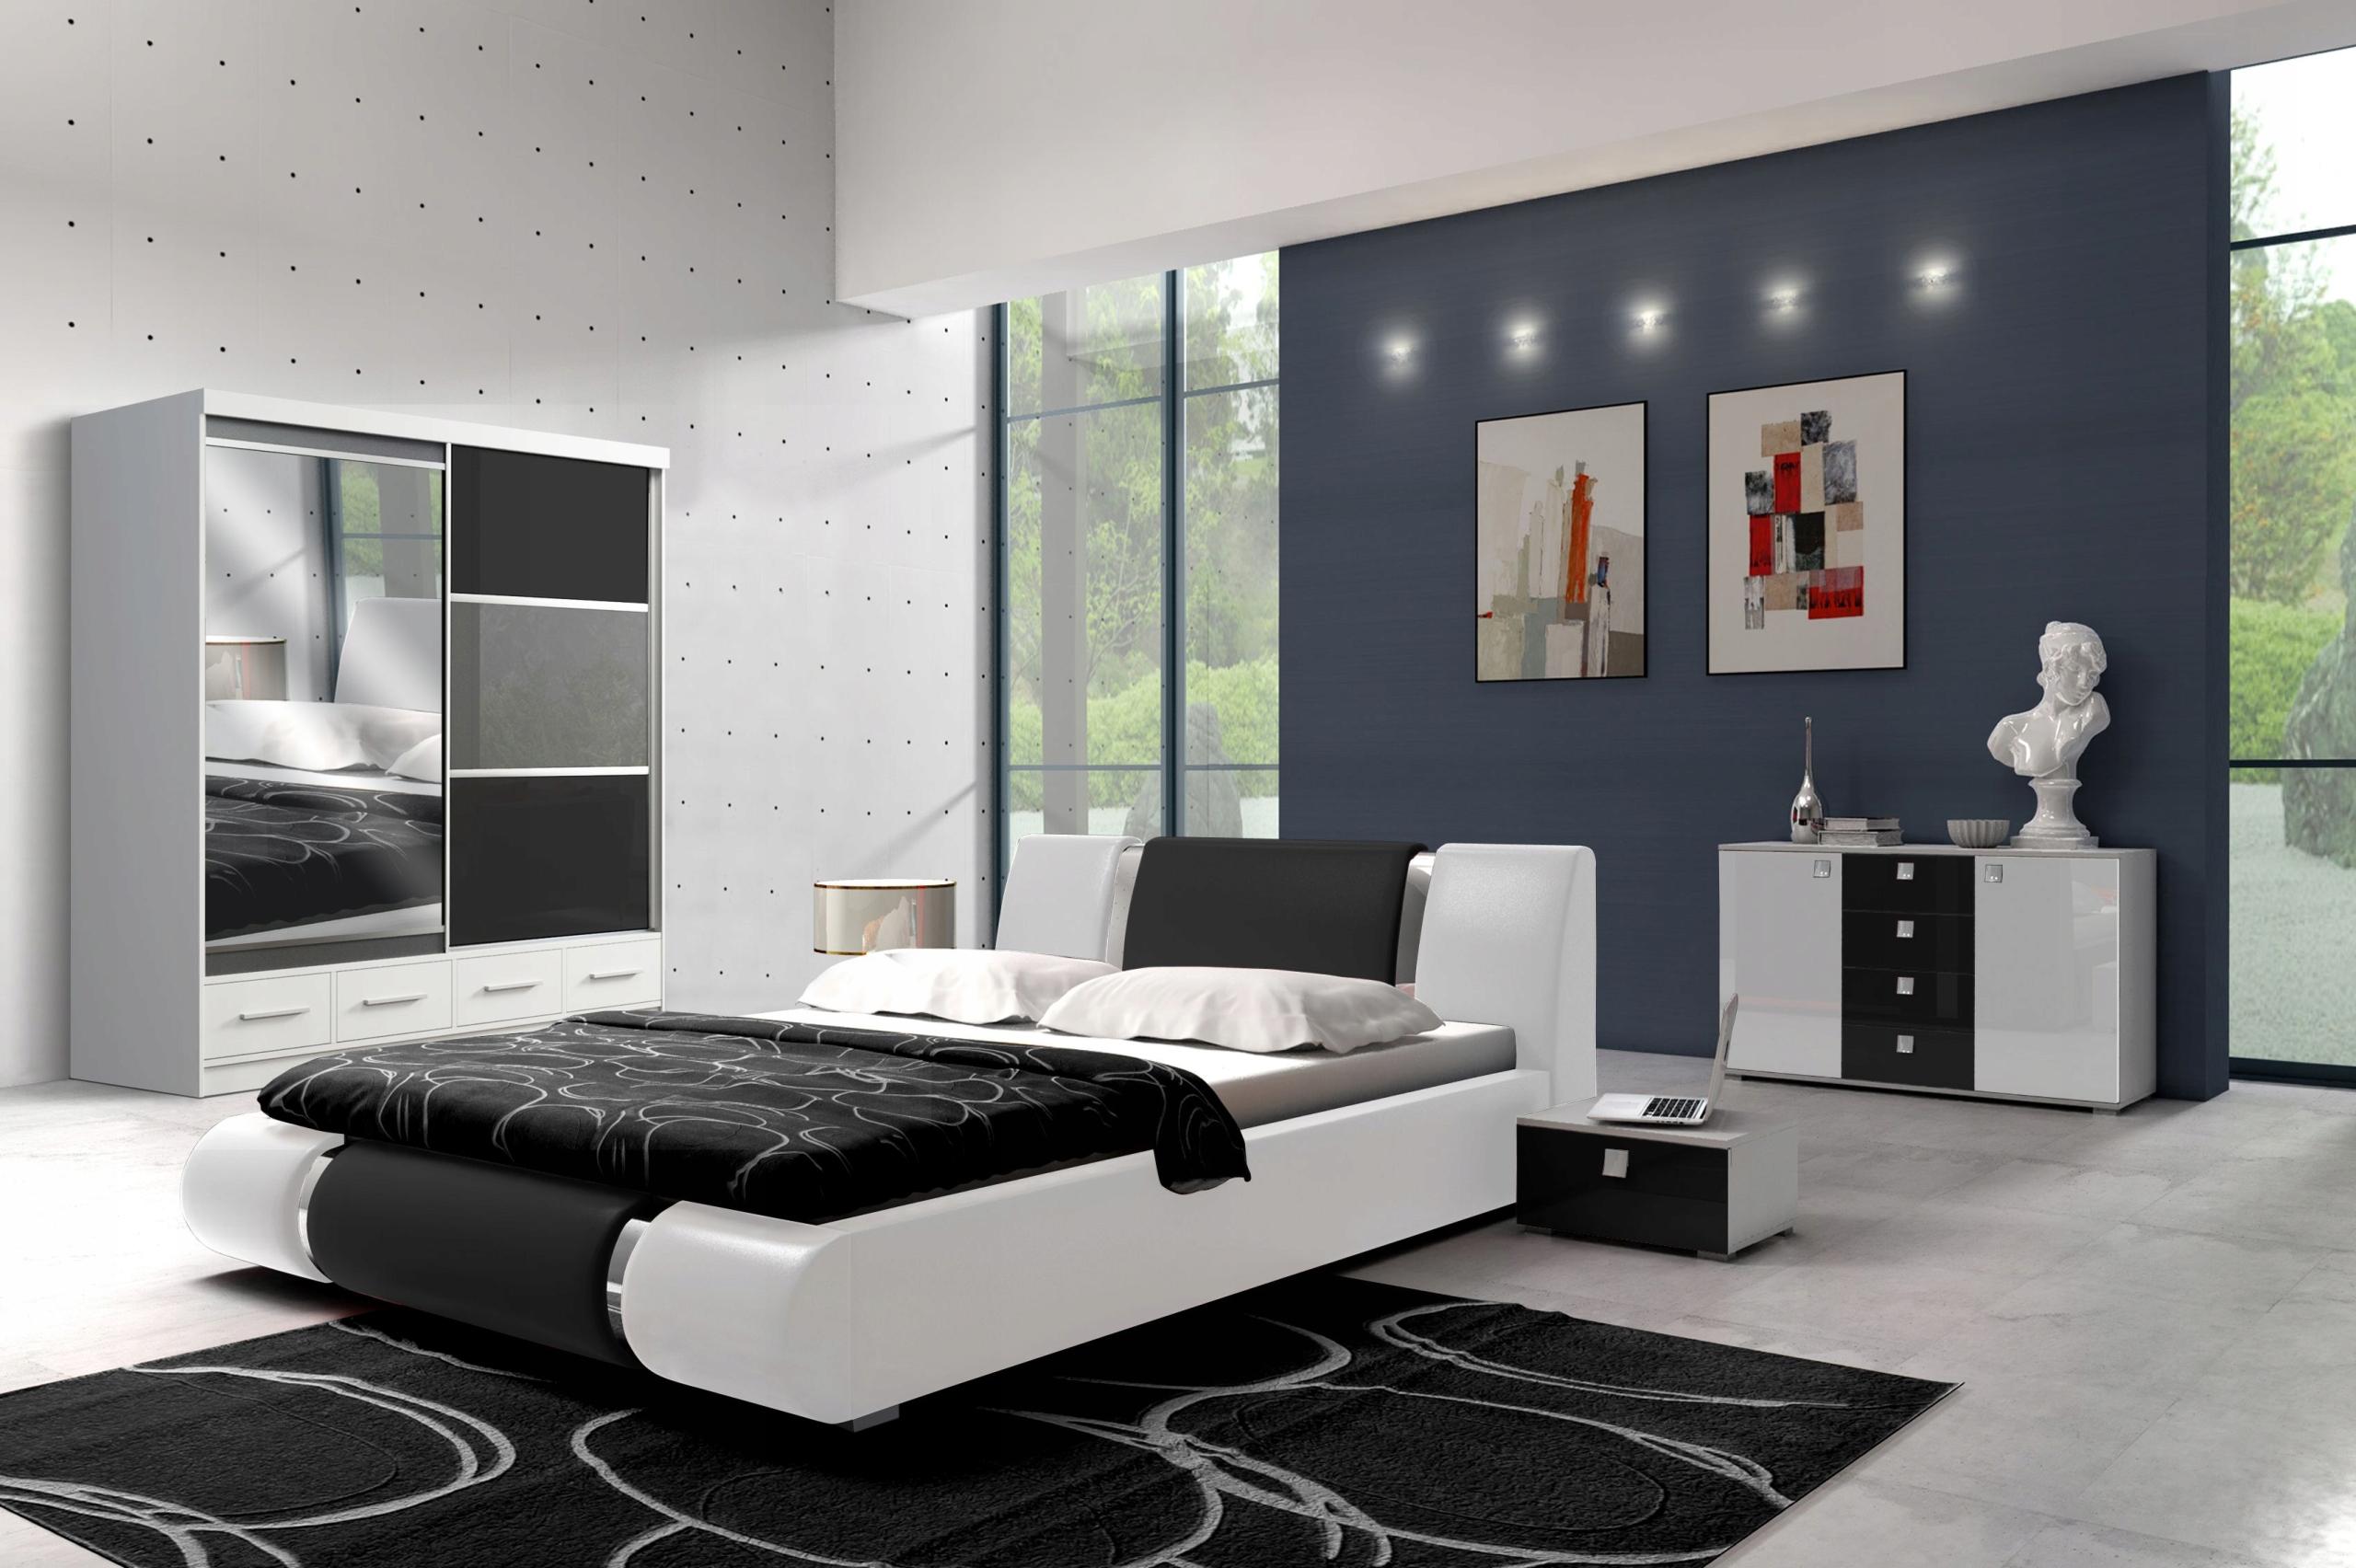 МЕБЕЛЬ для спальни кровать шкаф КОМОД ВЫСОКИЙ блеск